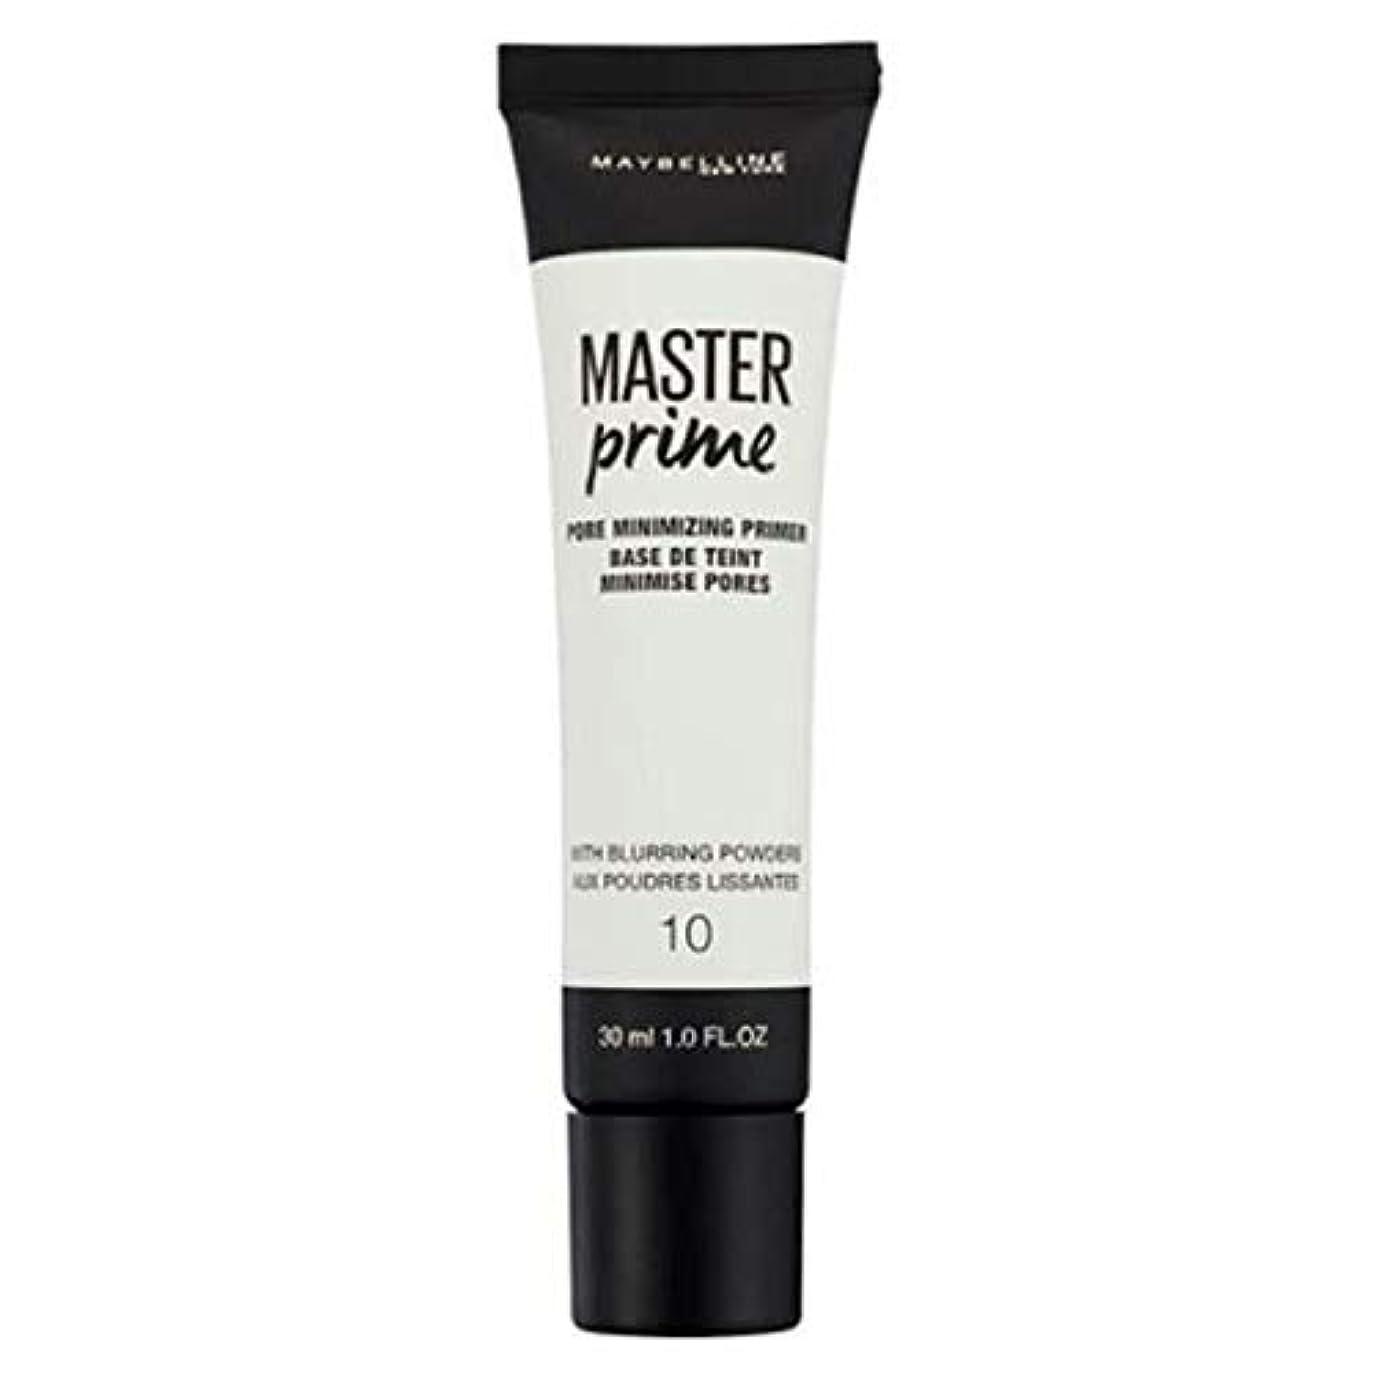 不機嫌そうな体細胞外交問題[Maybelline ] メイベリンマスタープライム細孔最小限にプライマーをクリア10 - Maybelline Master Prime Pore Minimizing Primer Clear 10 [並行輸入品]